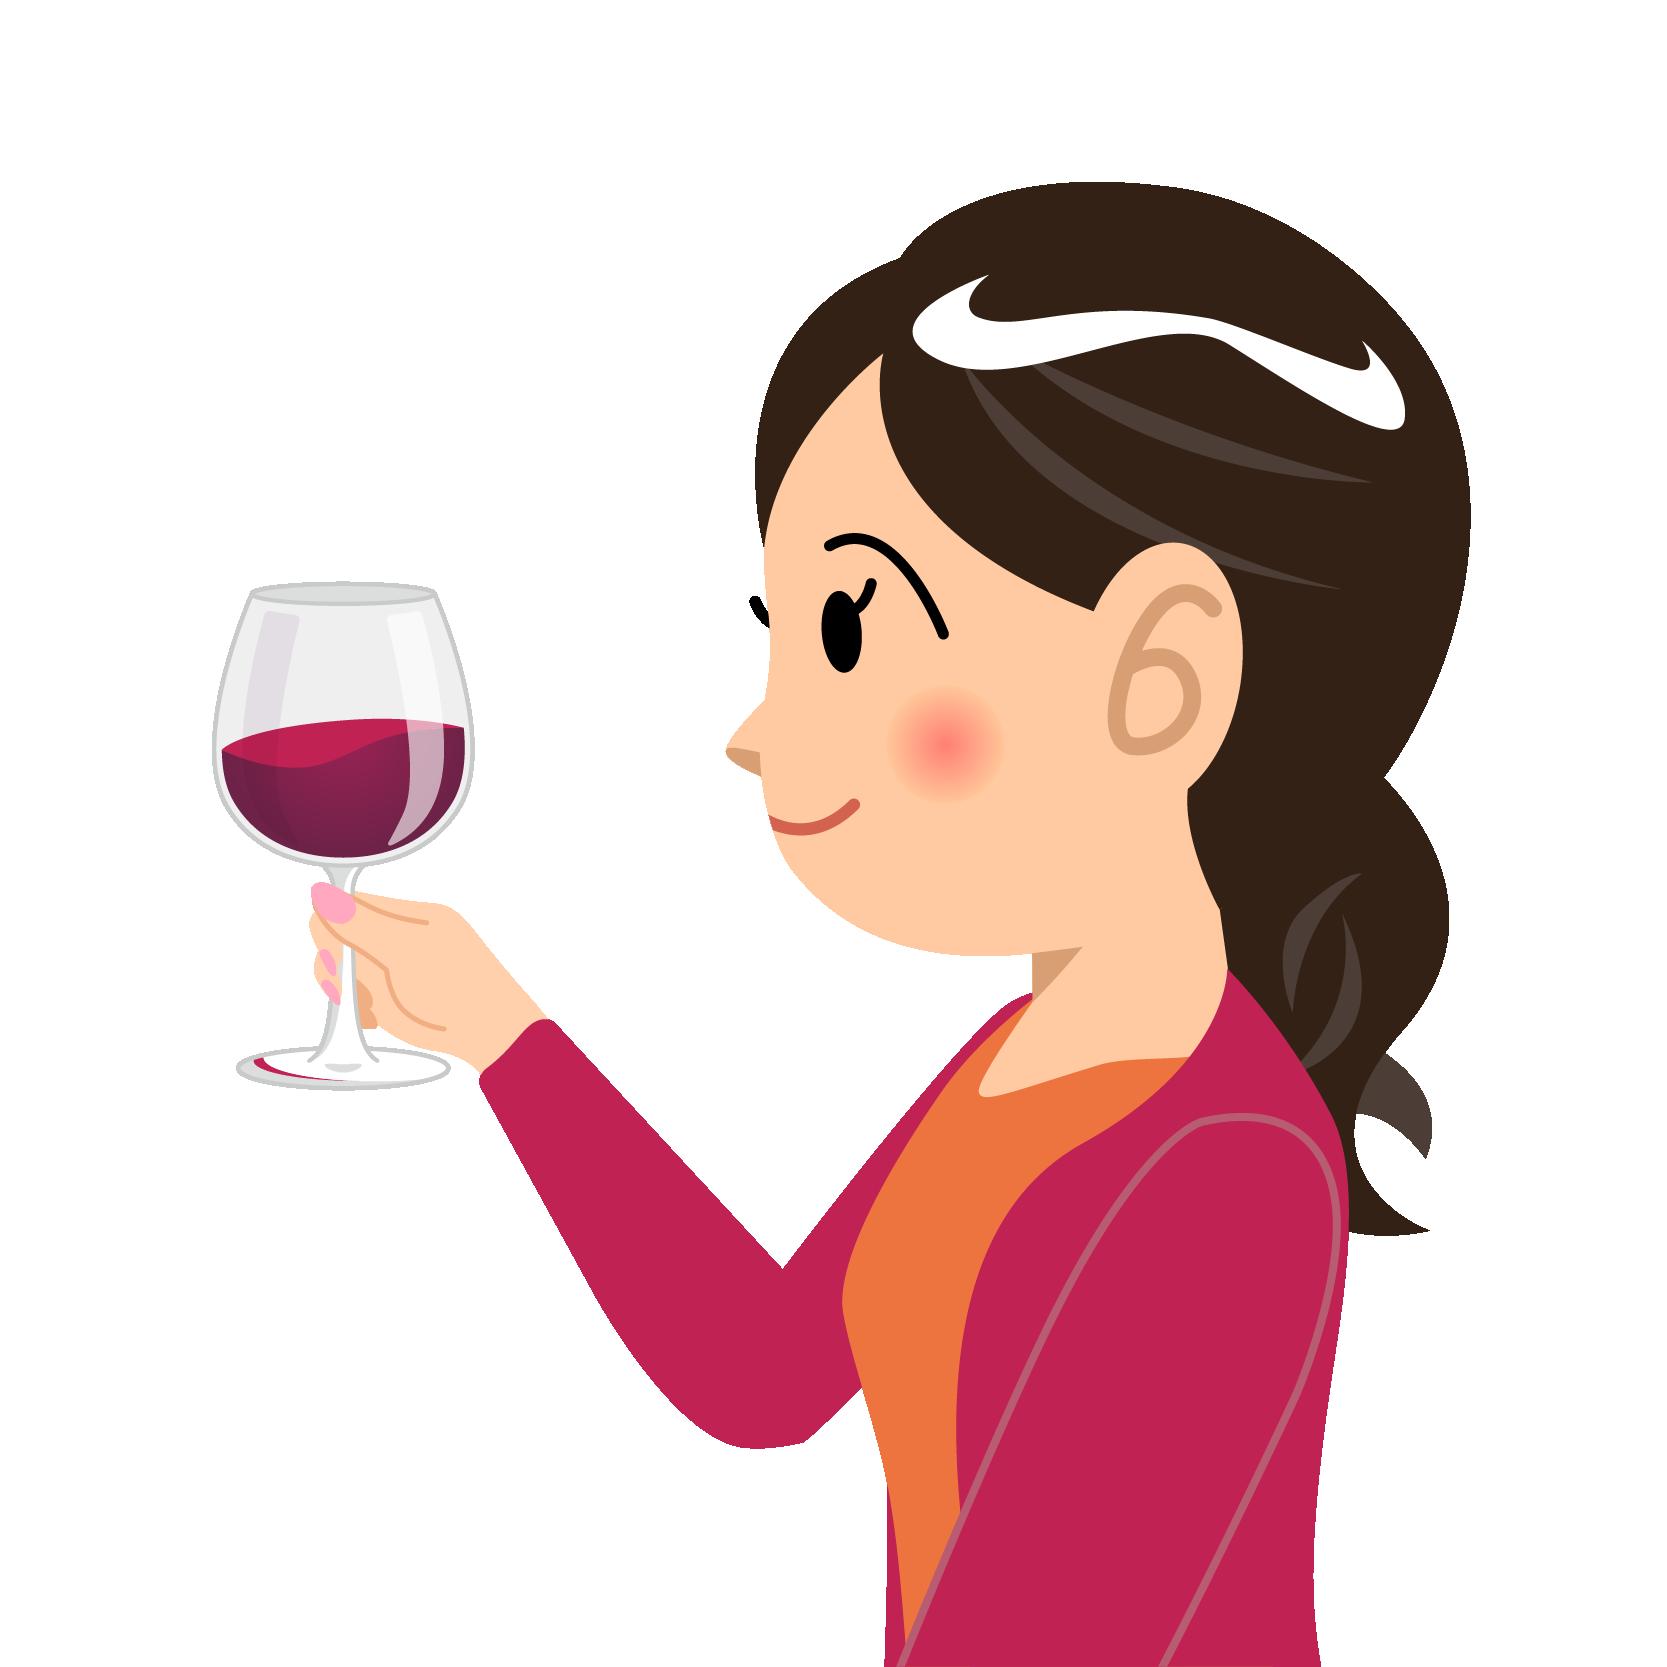 商用フリーイラスト無料_11月_ボジョレーヌーボー_ワイン_赤_Beaujolais Nouveau_乾杯_女性_左向き